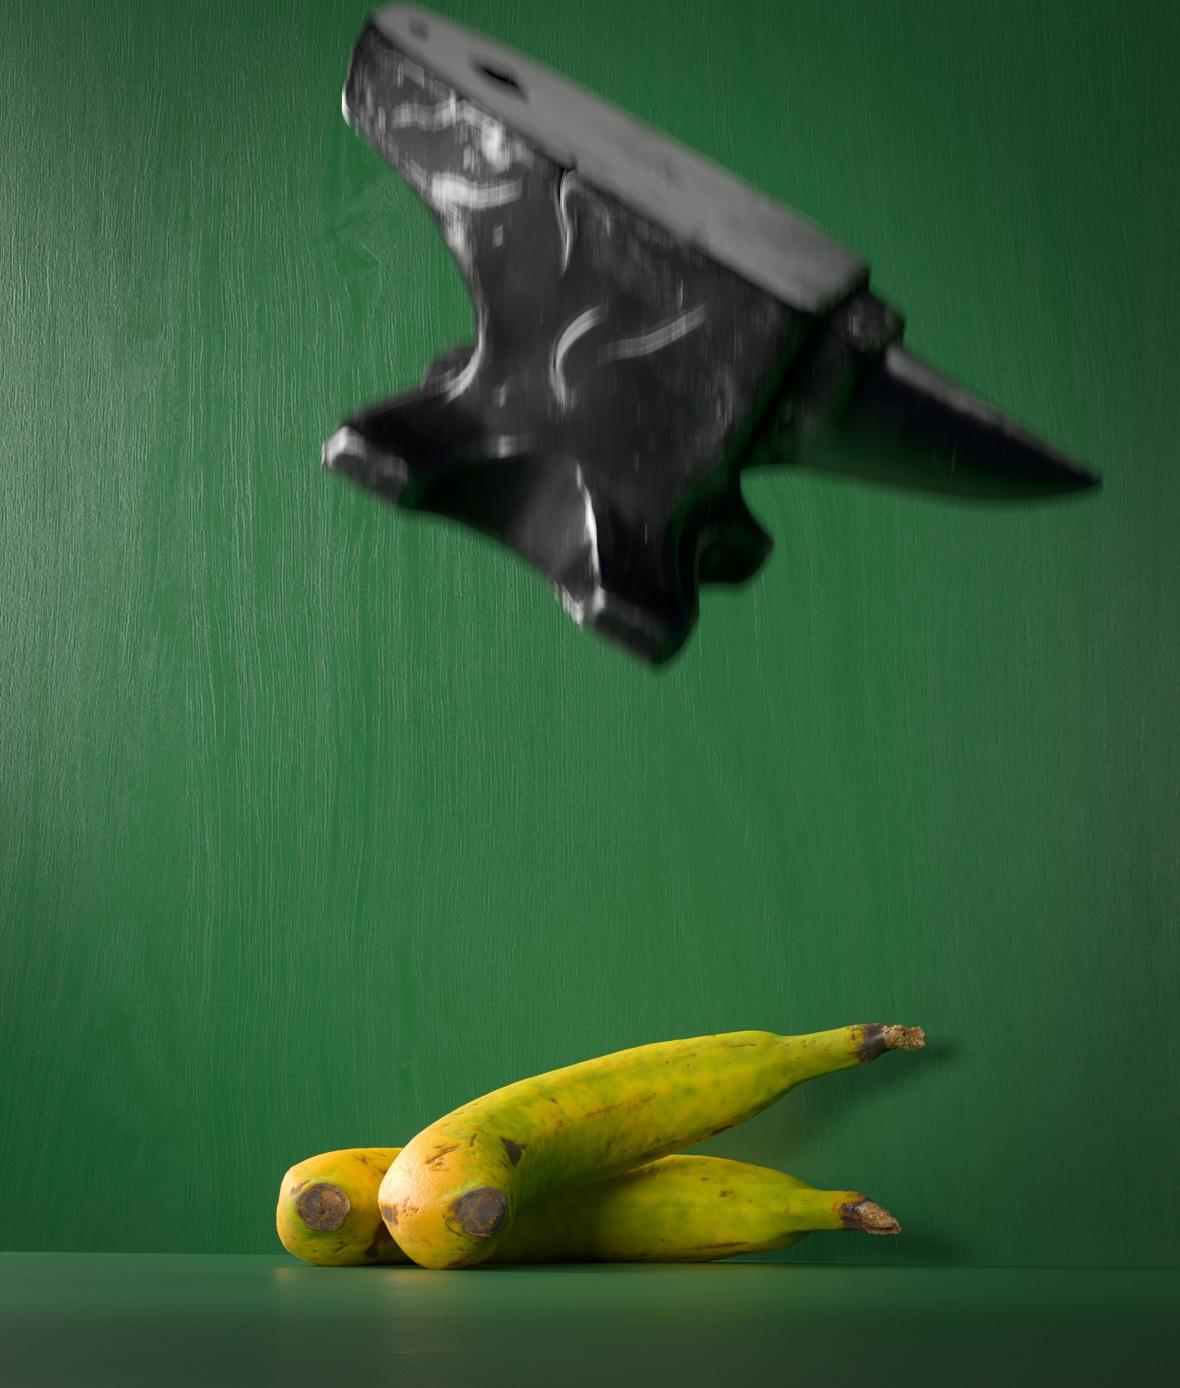 banana low